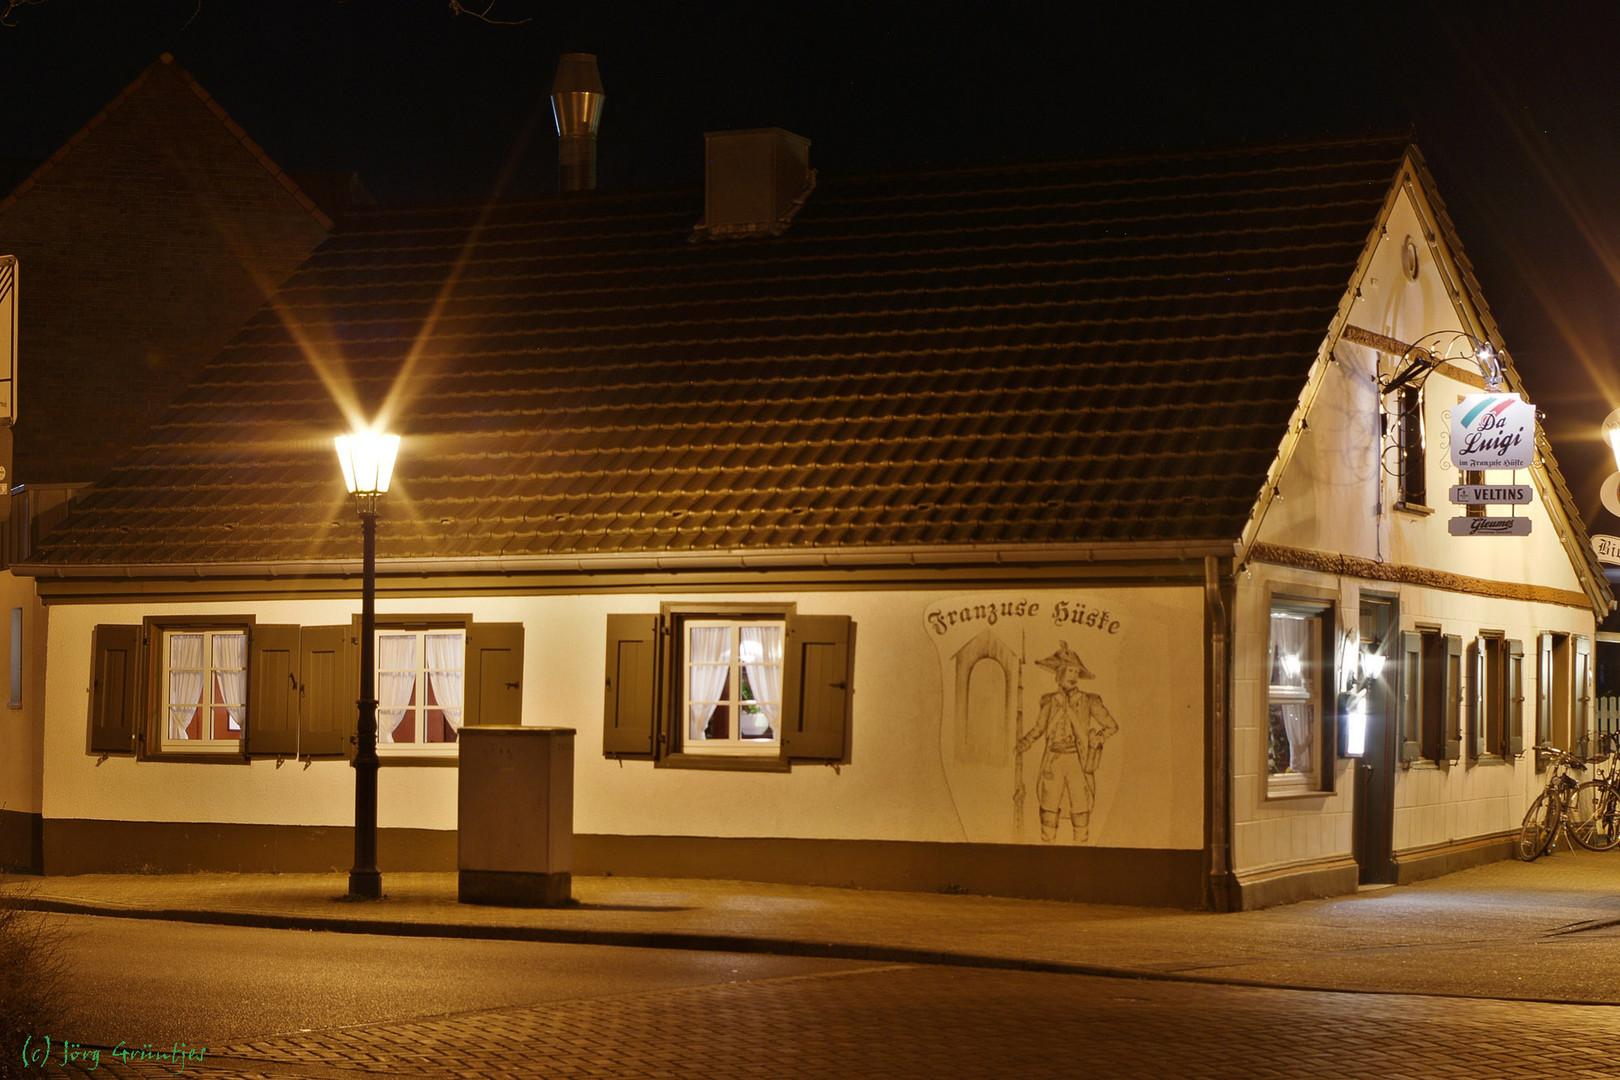 Et Franzuse Hüske in Grefrath bei Nacht